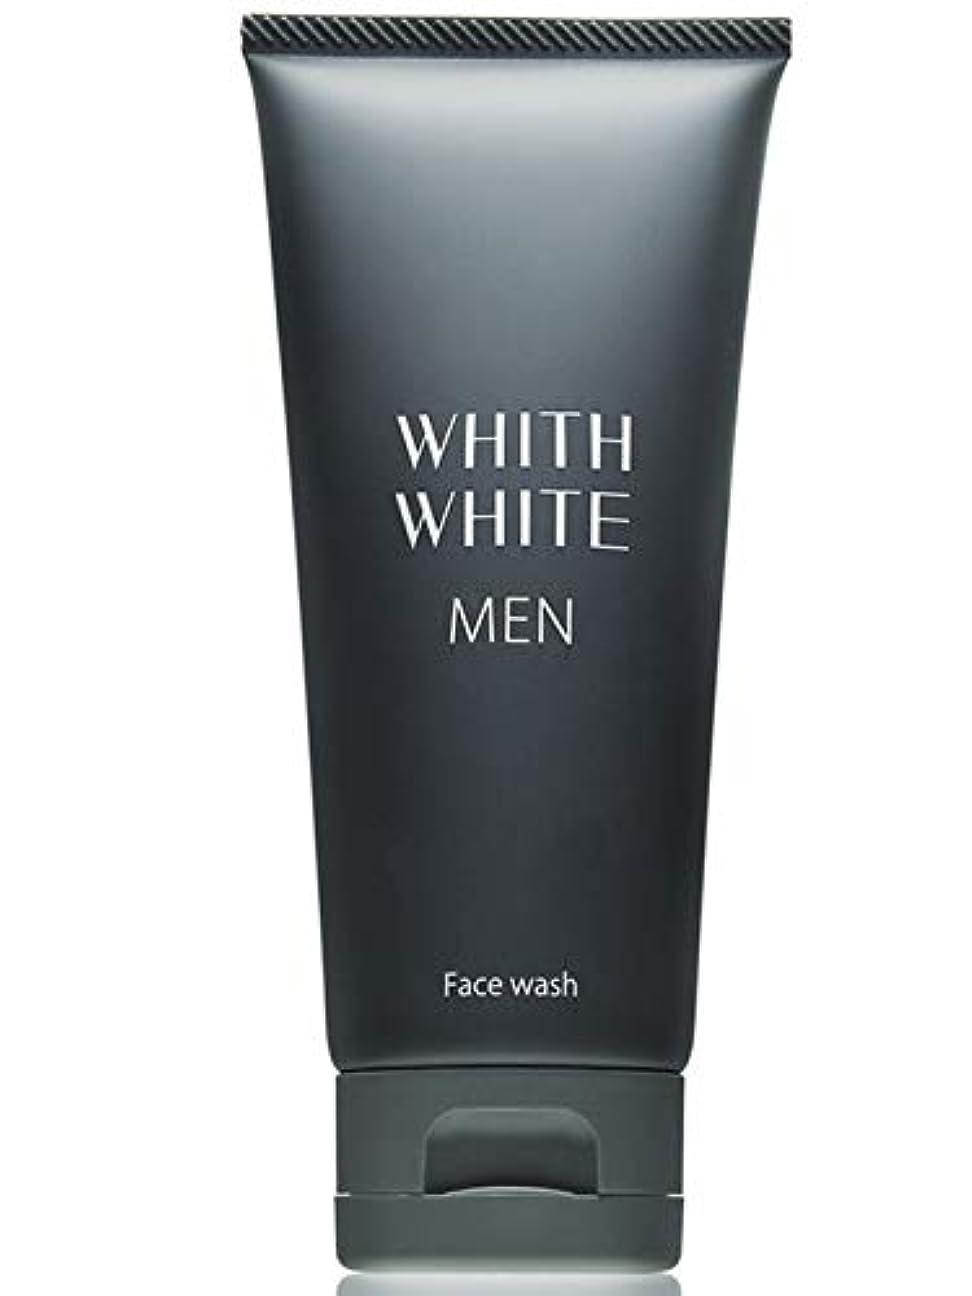 シアー膨らみ好きである洗顔 メンズ 医薬部外品 【 男 の しみ くすみ 対策 】 フィス ホワイト 「 30代~50代の 男性 専用 洗顔フォーム 」「 保湿 ヒアルロン酸 配合 洗顔料 」(男性用 スキンケア 化粧品 )95g